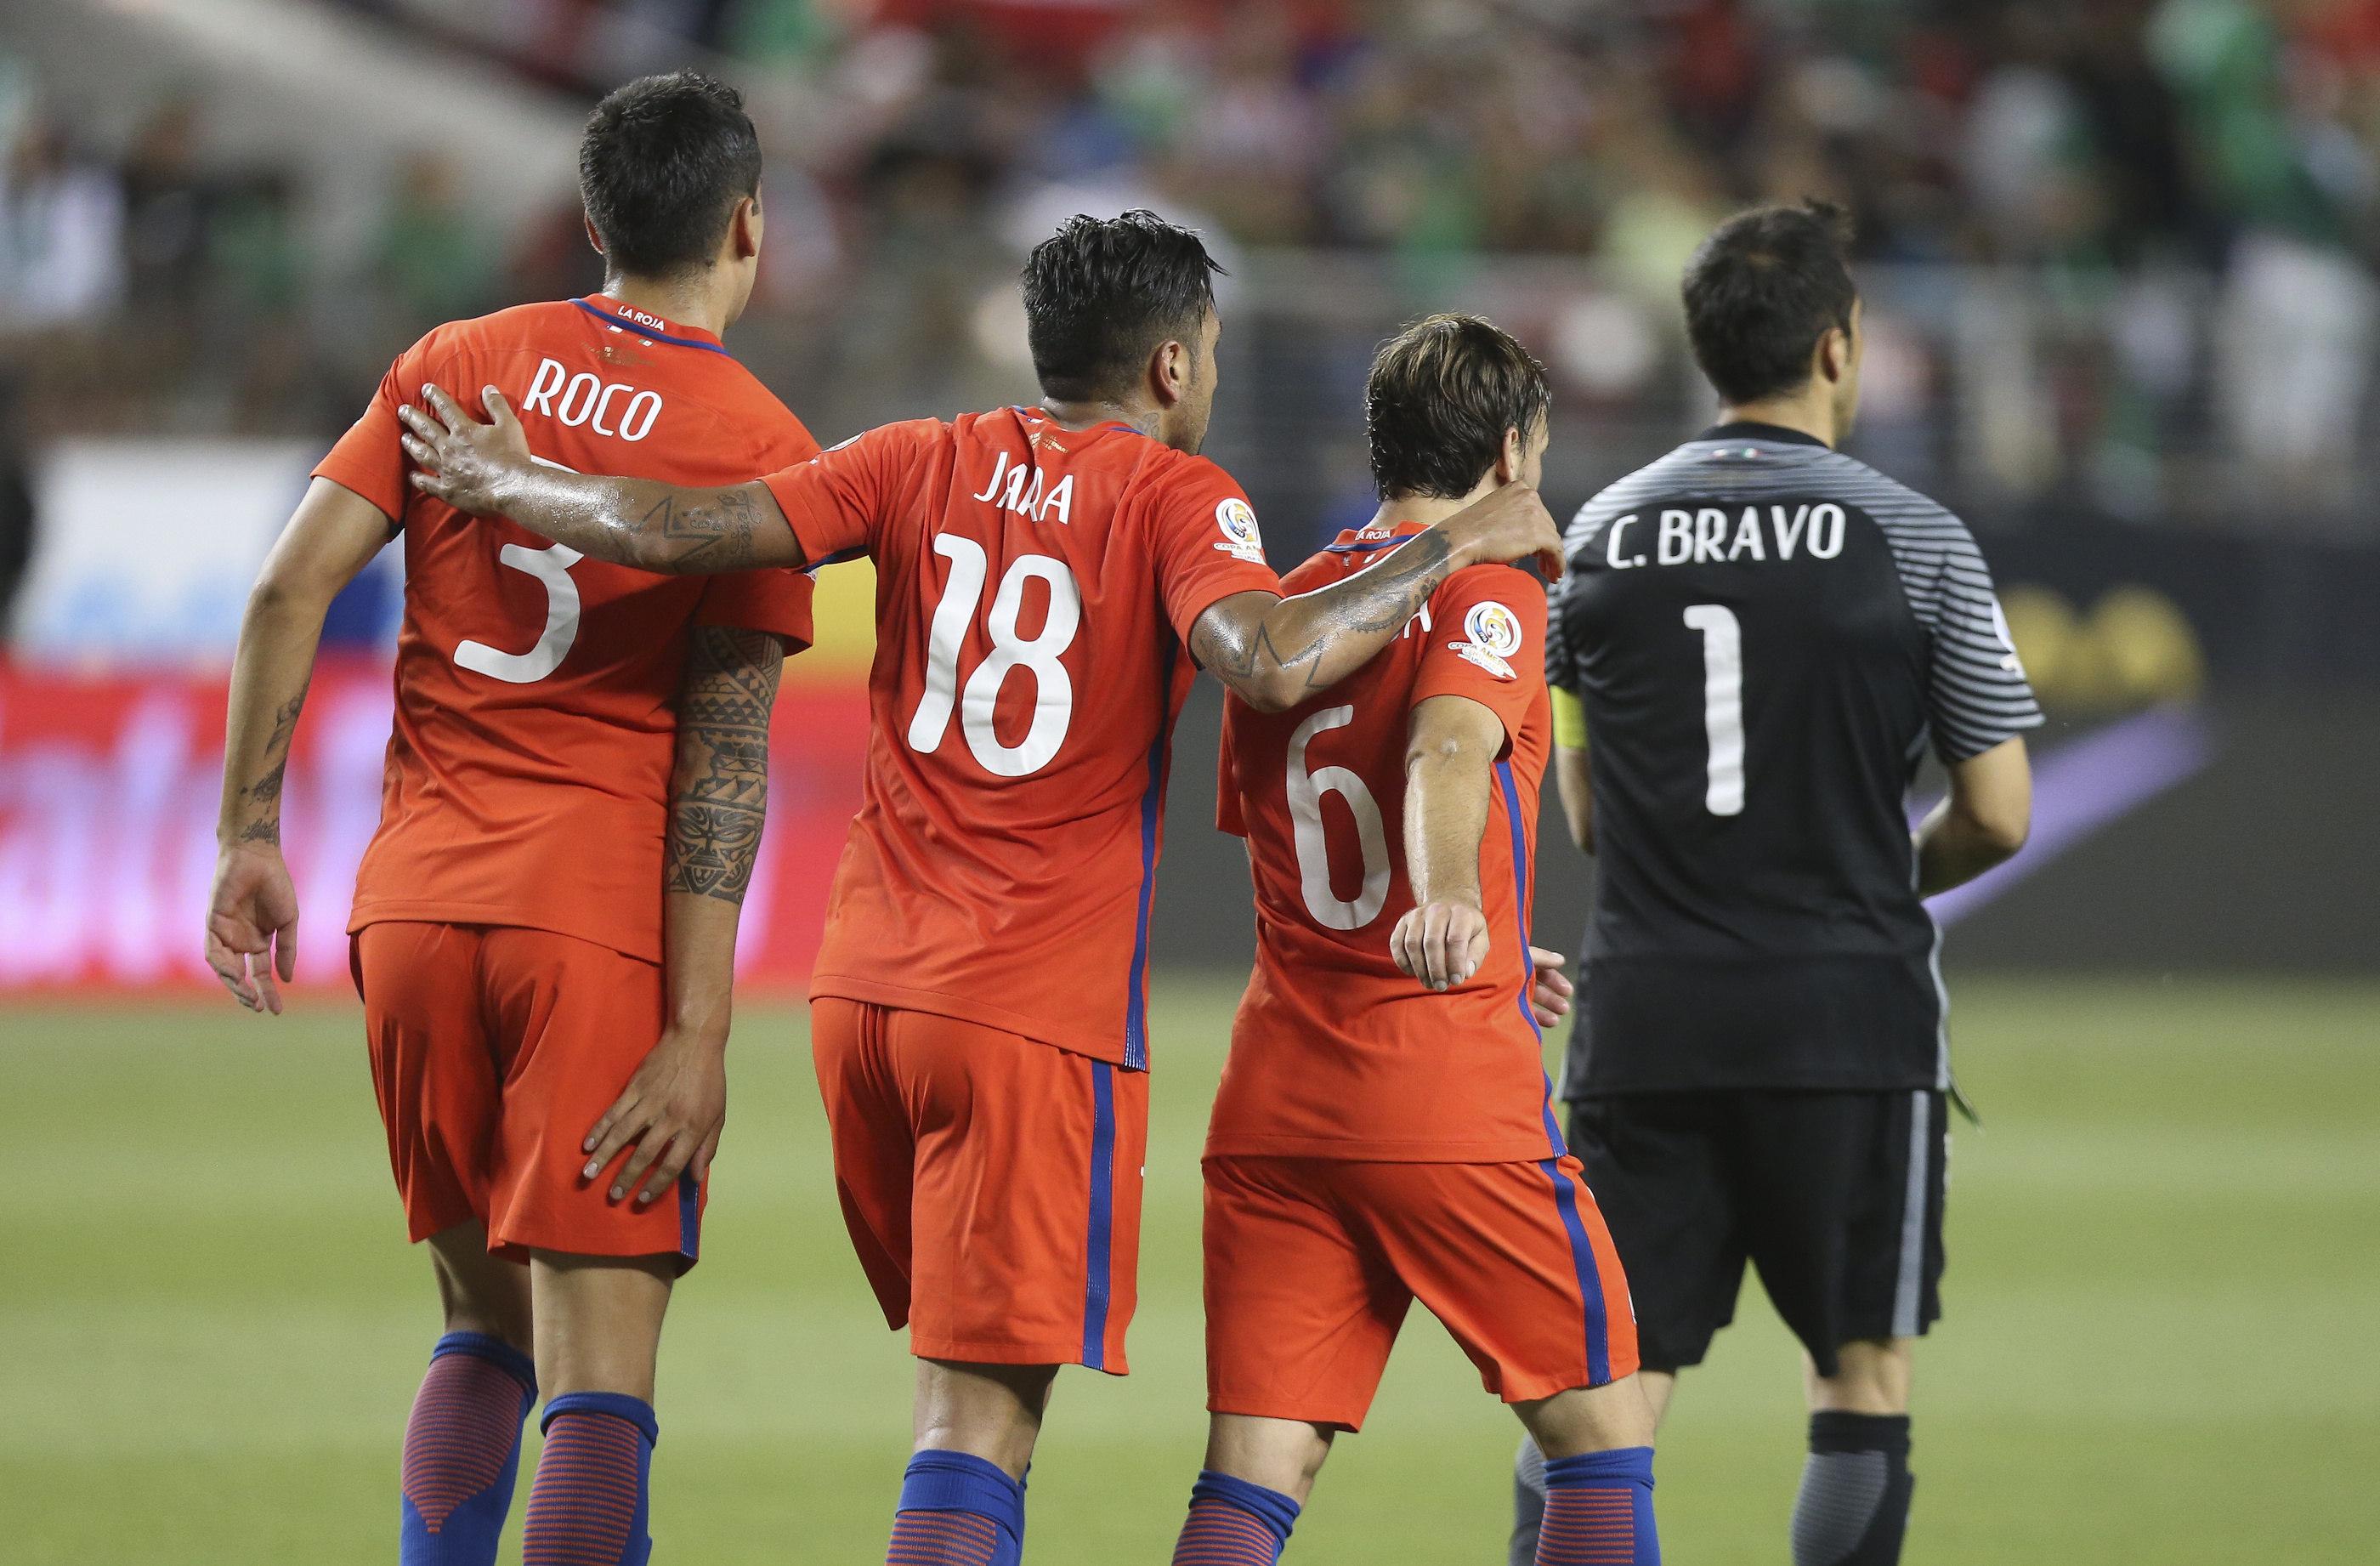 SCL78. SANTA CLARA (CA, EE.UU.), 18/06/2016.- Jugadores chilenos celebran su victoria 7-0 hoy, sábado 18 de junio de 2016, durante un partido entre México y Chile en los cuartos de final de la Copa América Centenario, en el Levi's Stadium de Santa Clara, California (EE.UU.). EFE/David Fernández